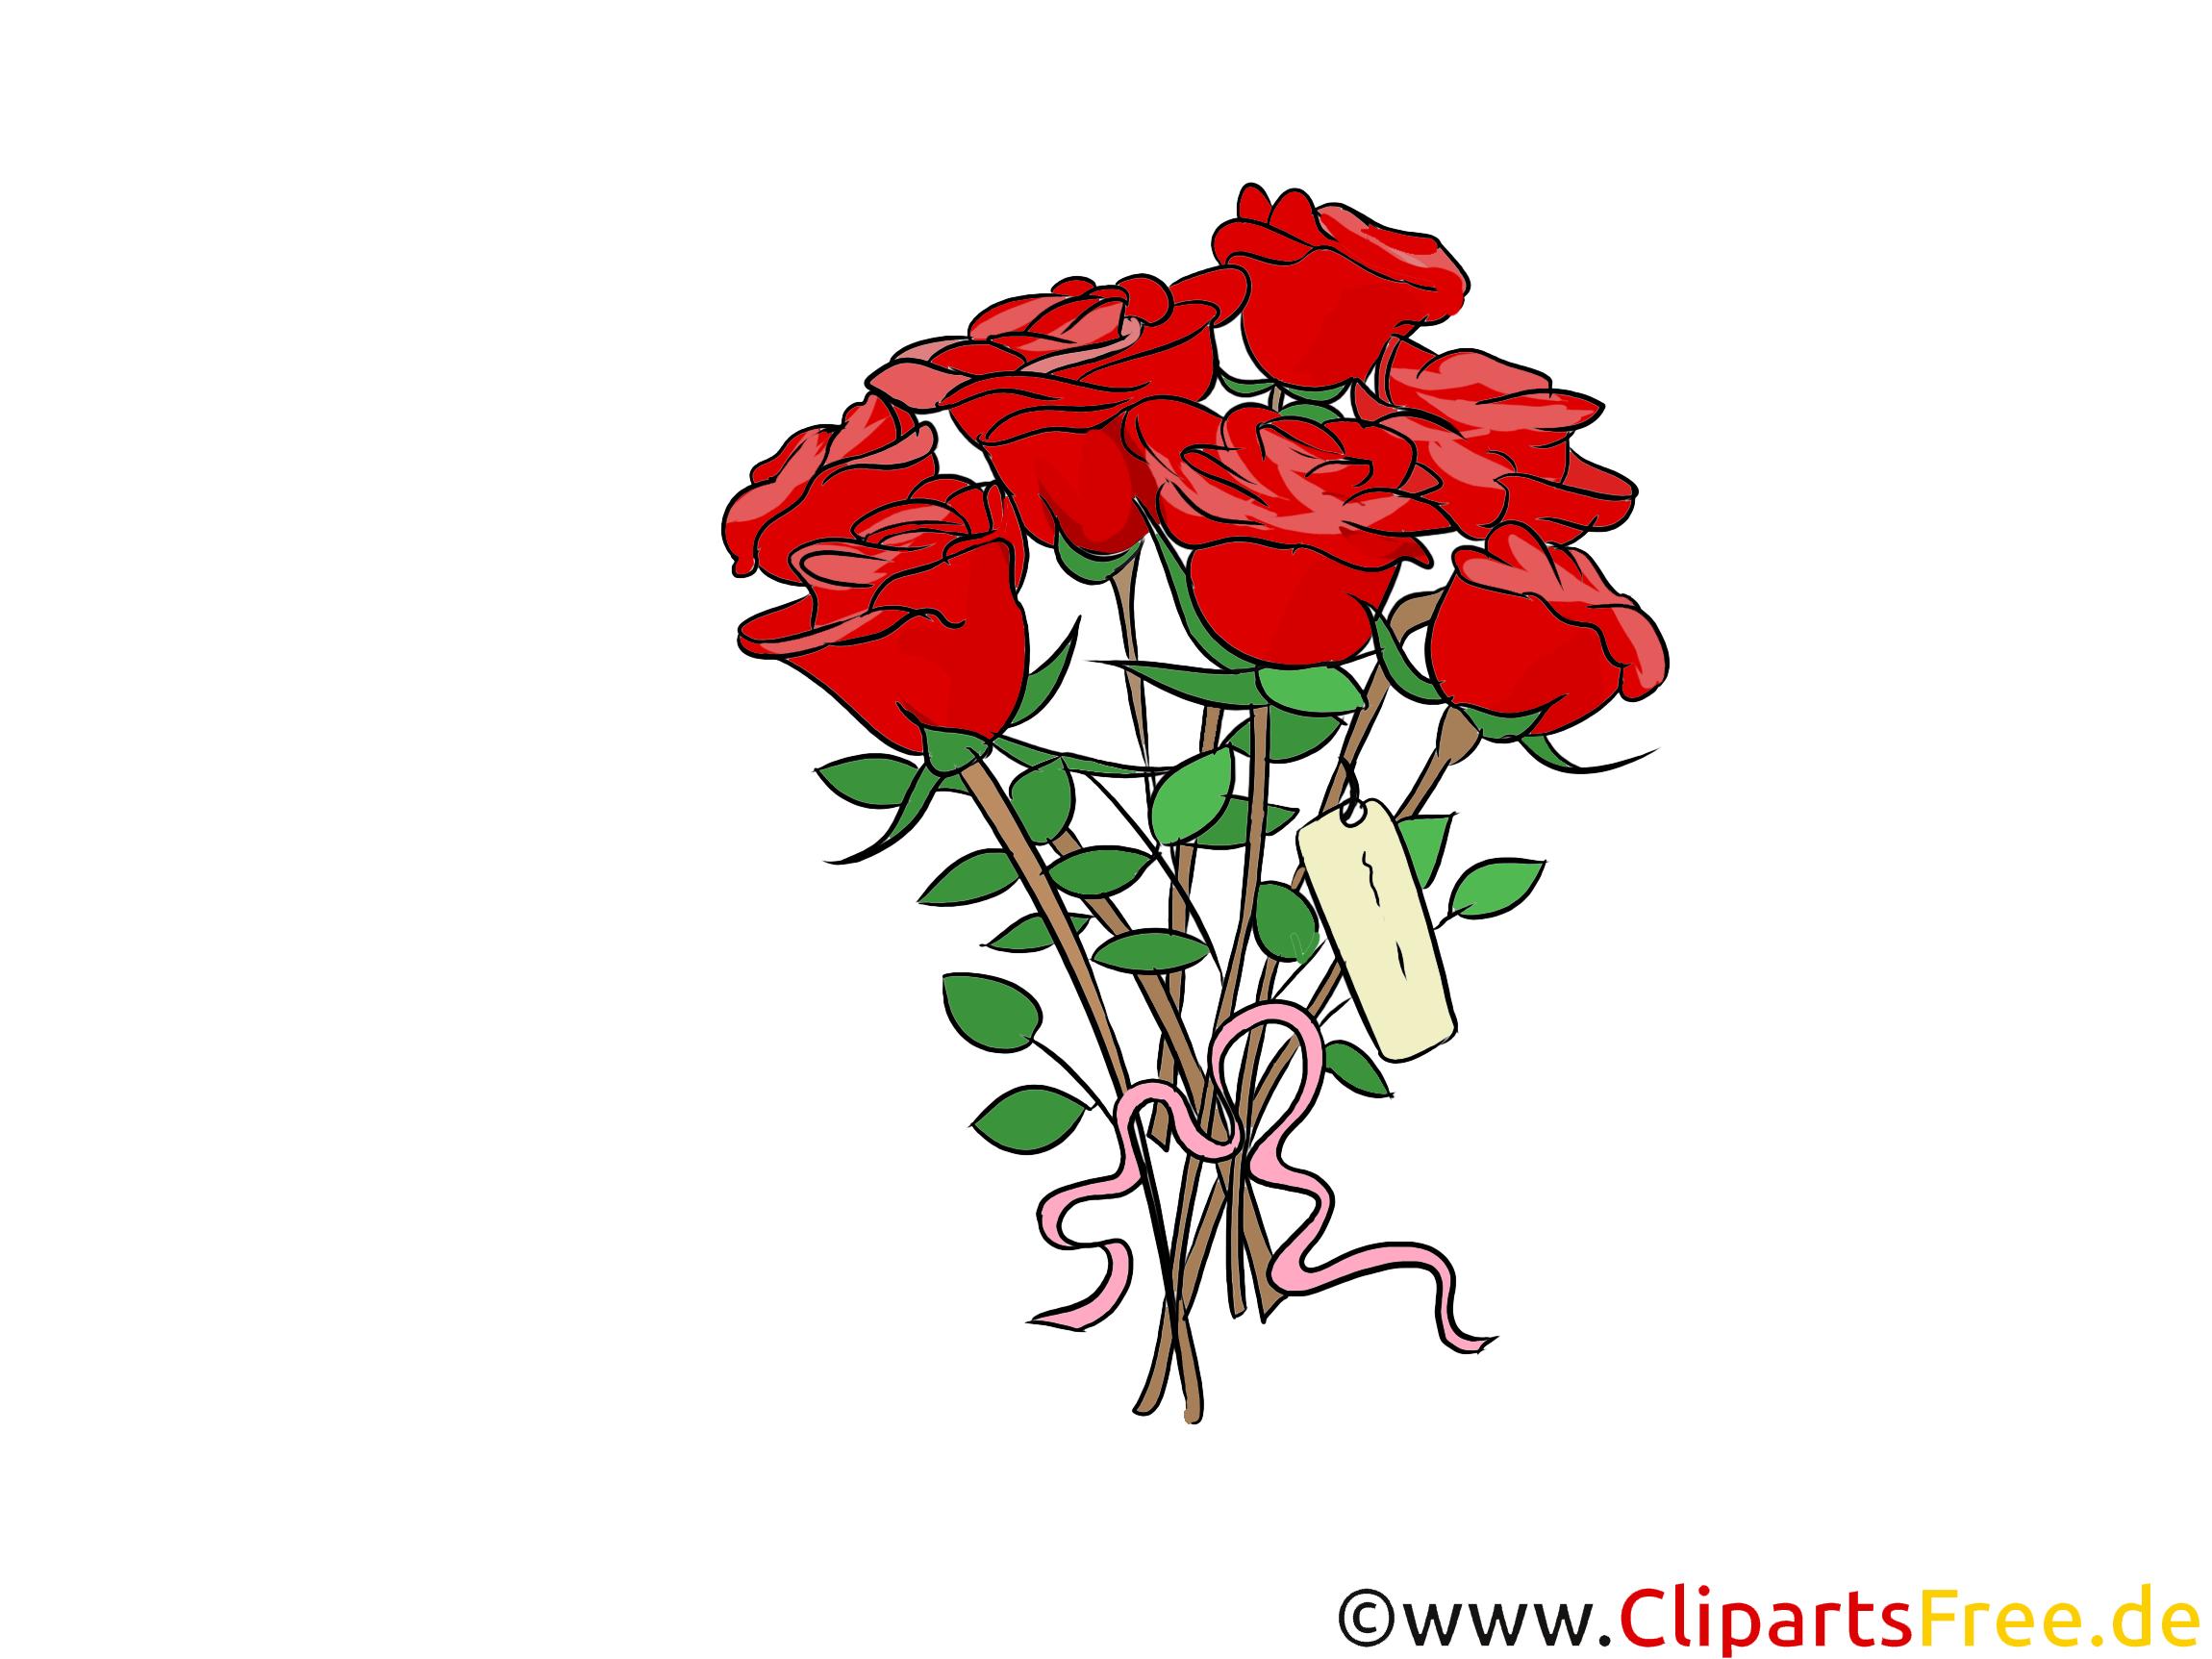 Rote Rosen Blumenstrauß Clipart, Grafik, Bild, Illustration